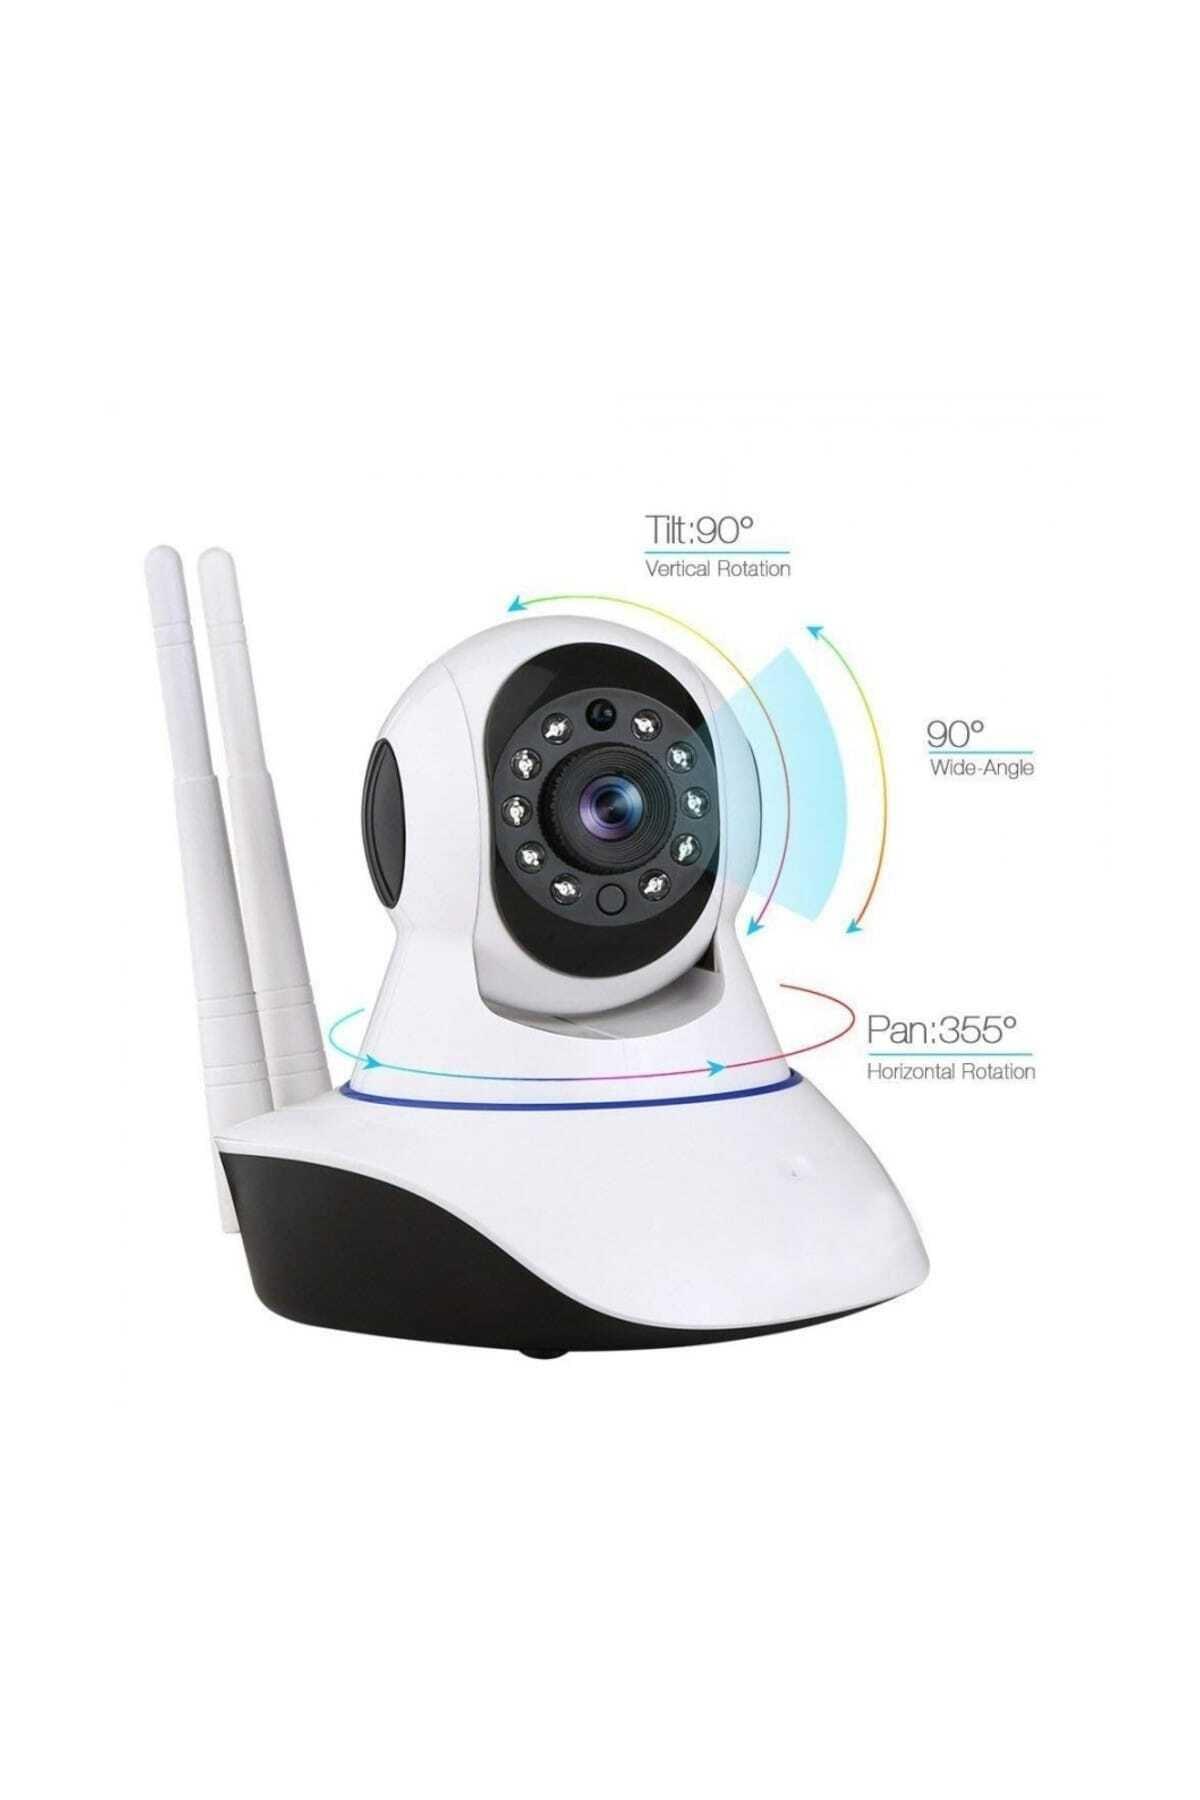 King Kablosuz Wifi İp Kamera 1080P Full HD 3 MP Hareketli Kamera Gece Görüşlü Beyaz 1